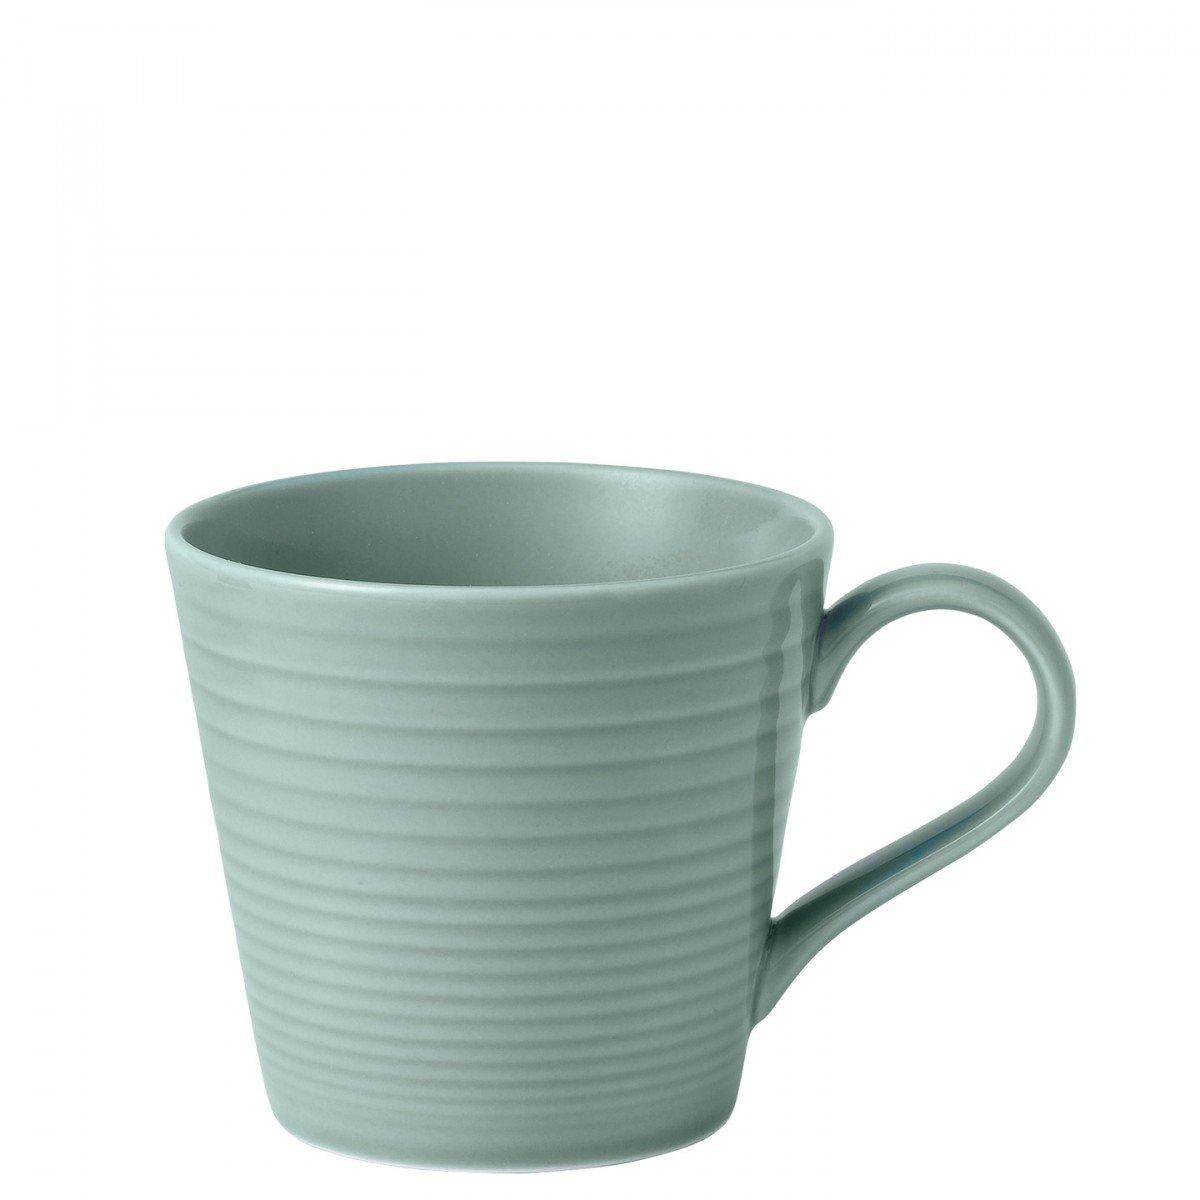 Amazon.com: Gordon Ramsay Maze White Dinneware Mug 14 Oz: Gordon ...